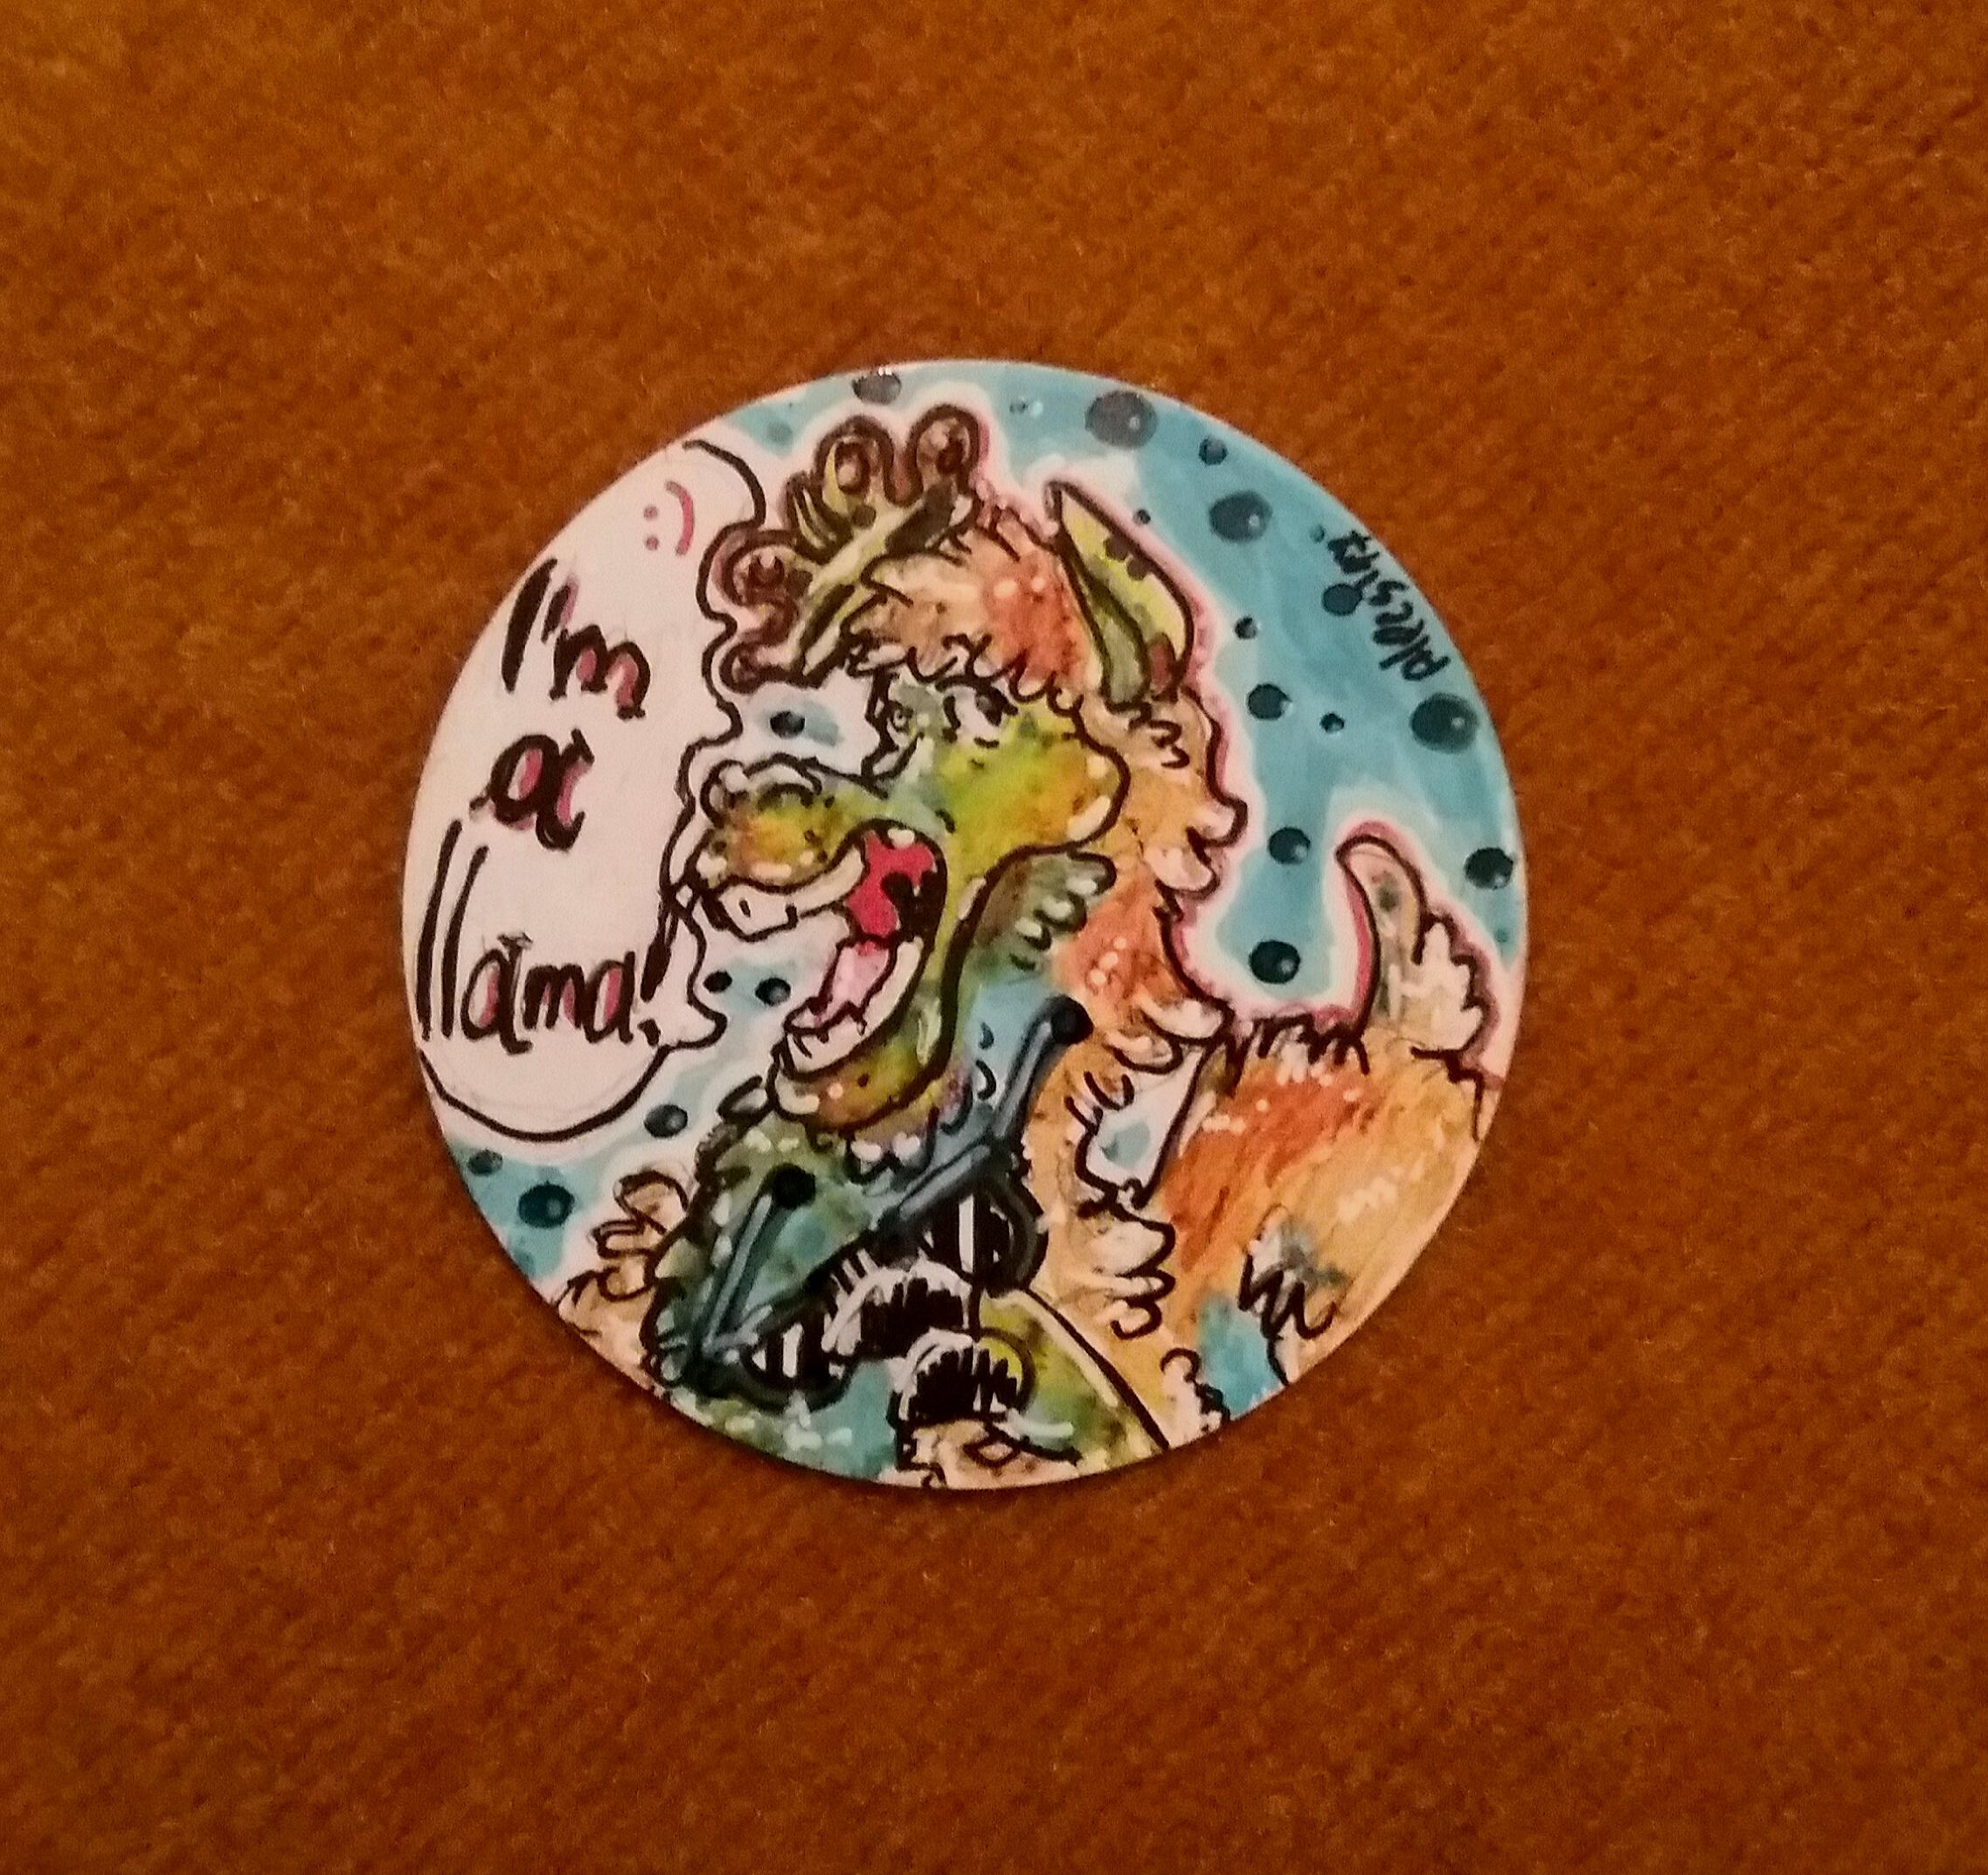 Llama king!-Art trade